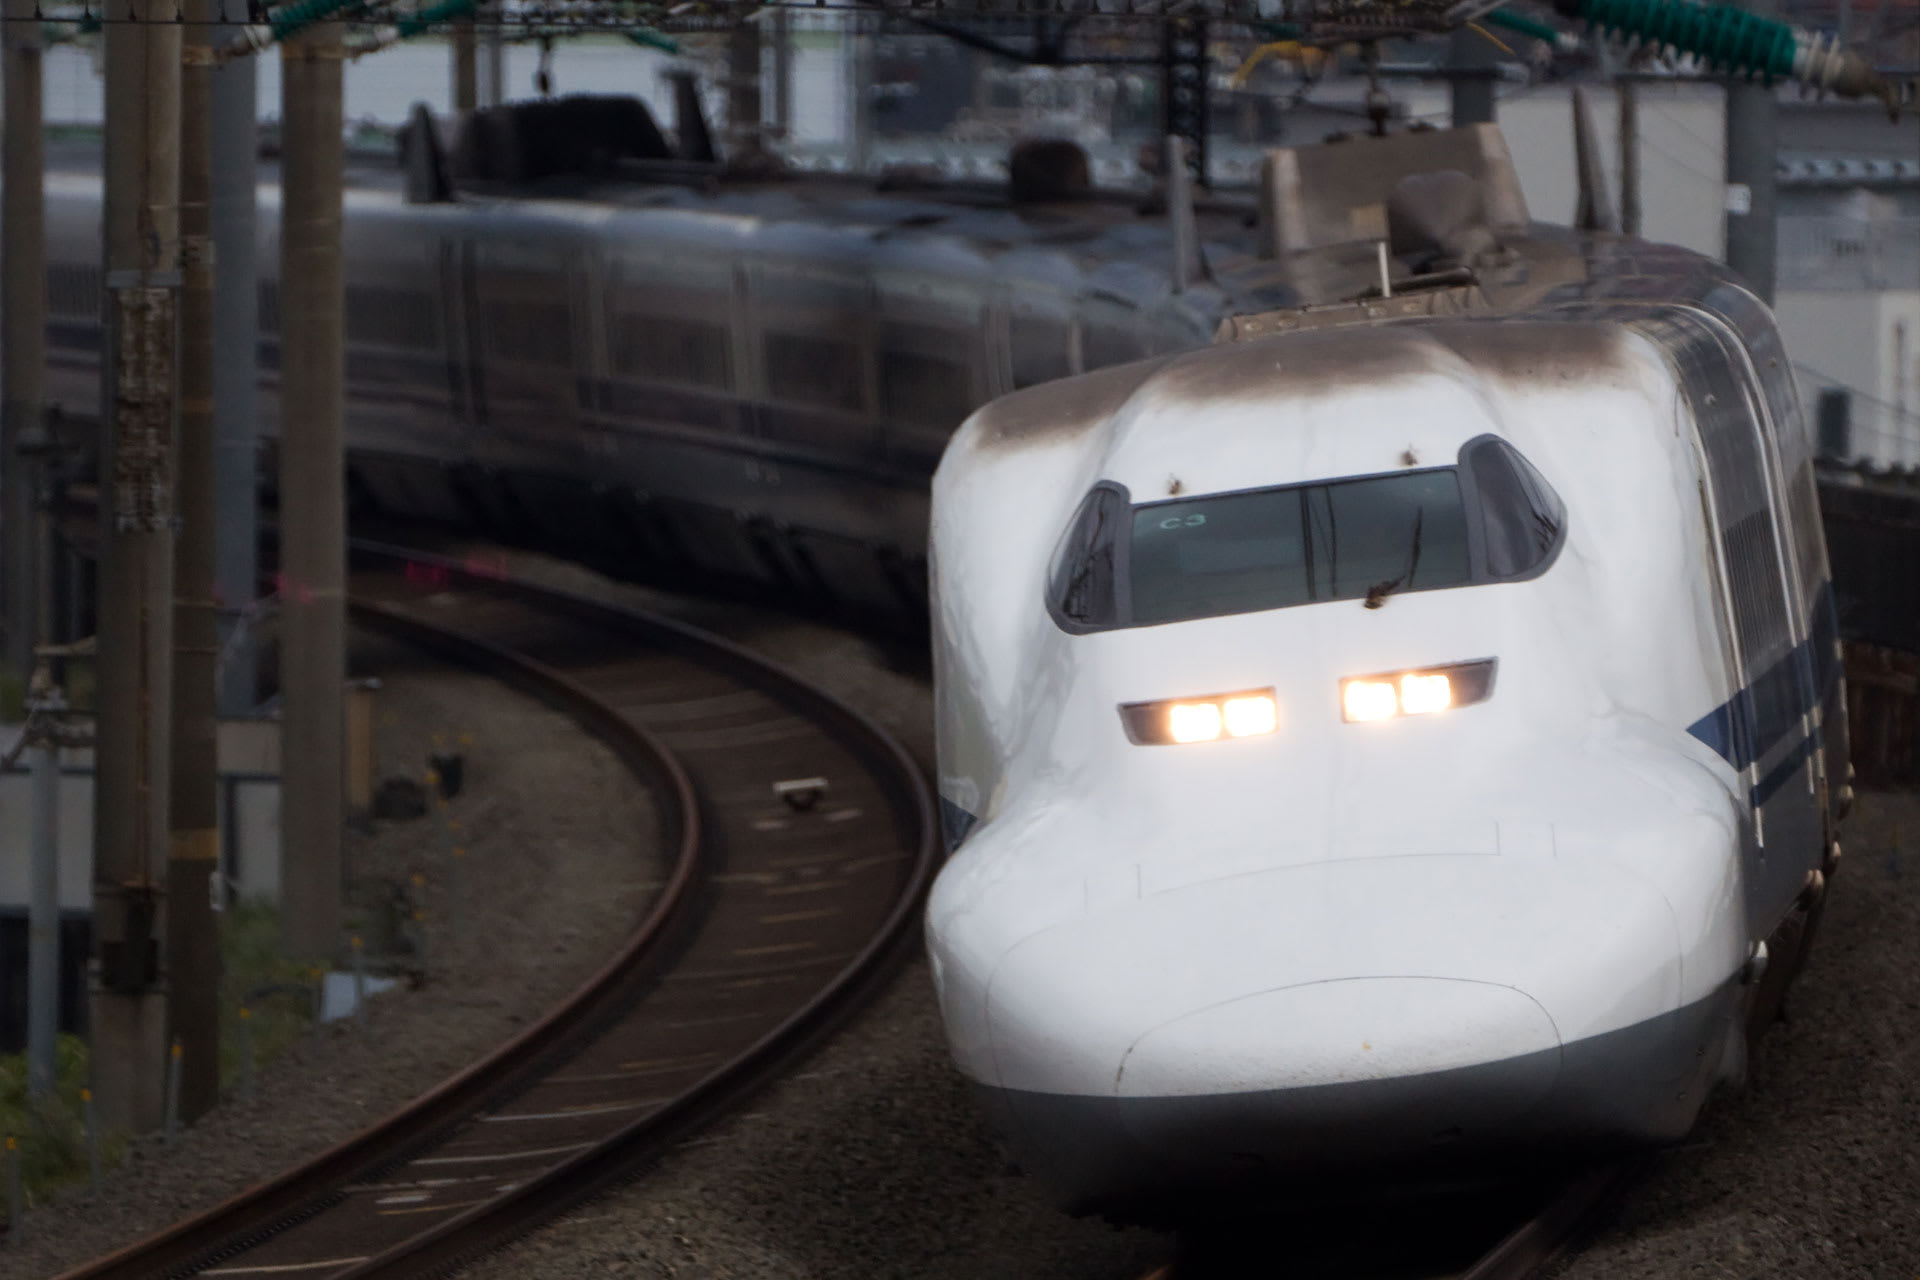 撮影地 新幹線 鉄道写真撮影地データベース: 東海道新幹線